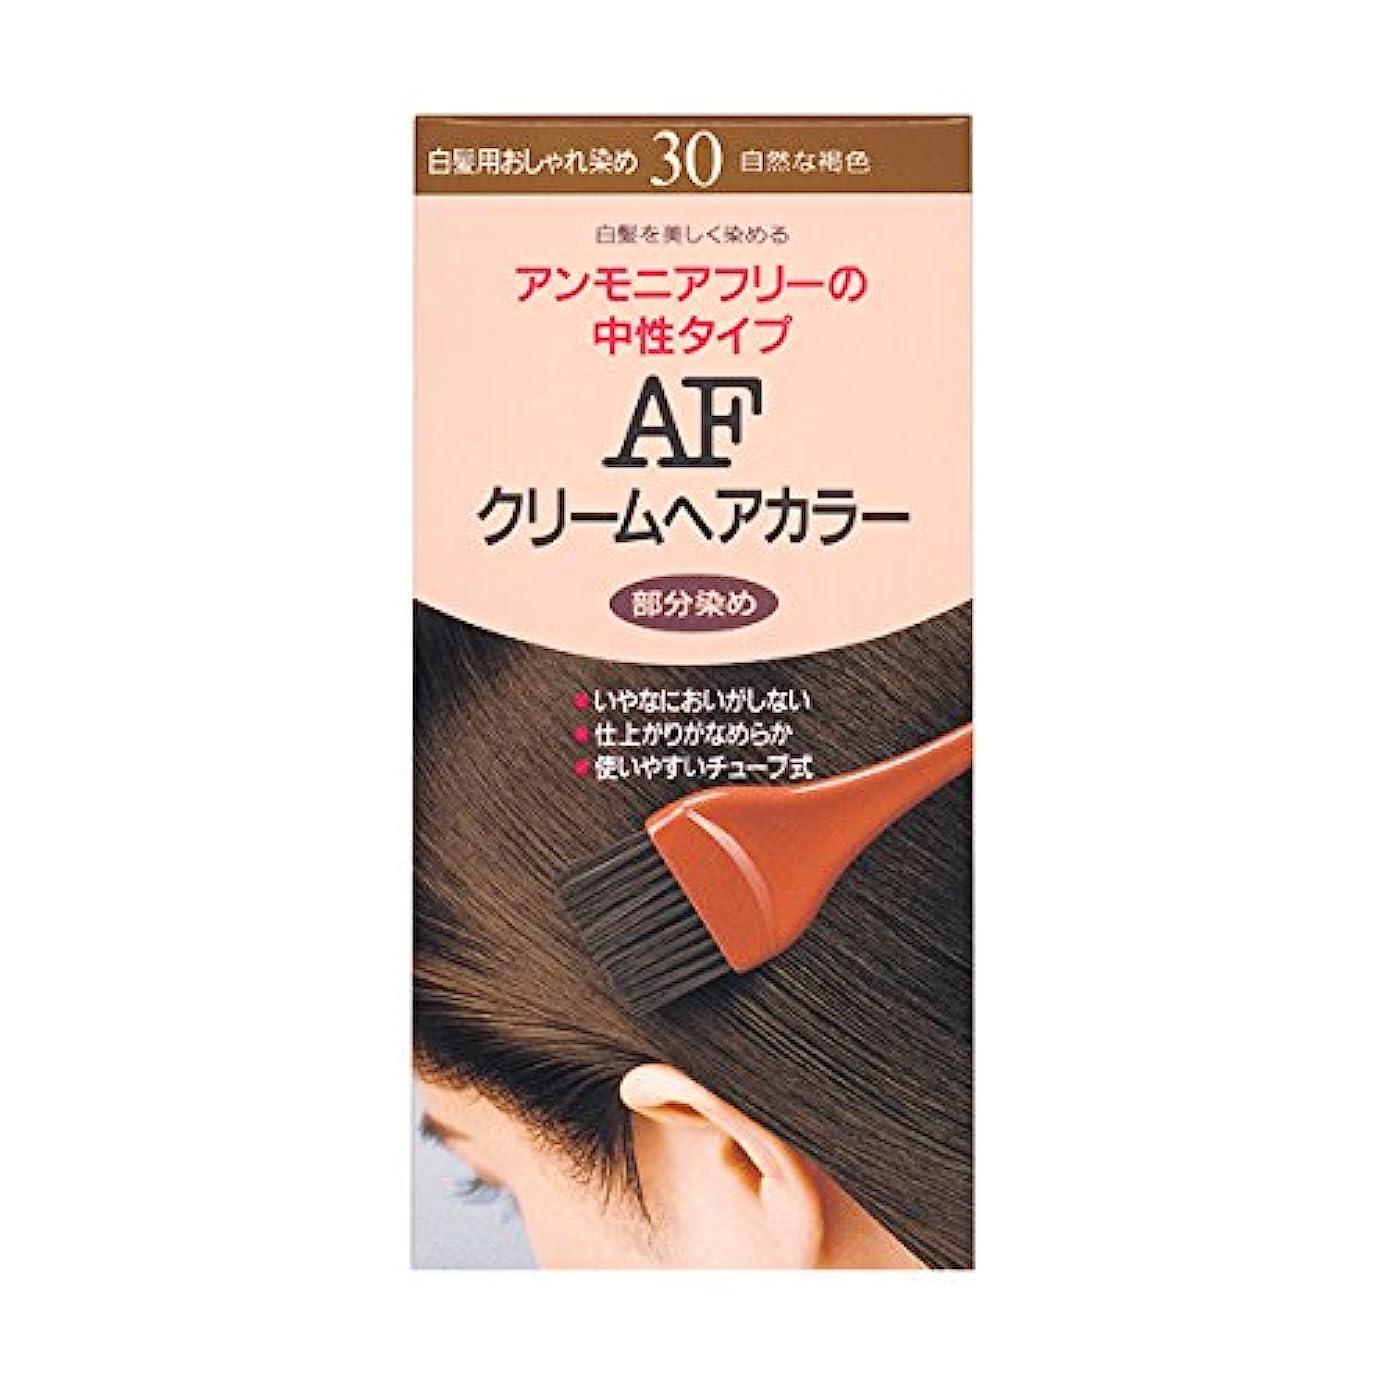 ライター指慣習ヘアカラー AFクリームヘアカラー 30 【医薬部外品】